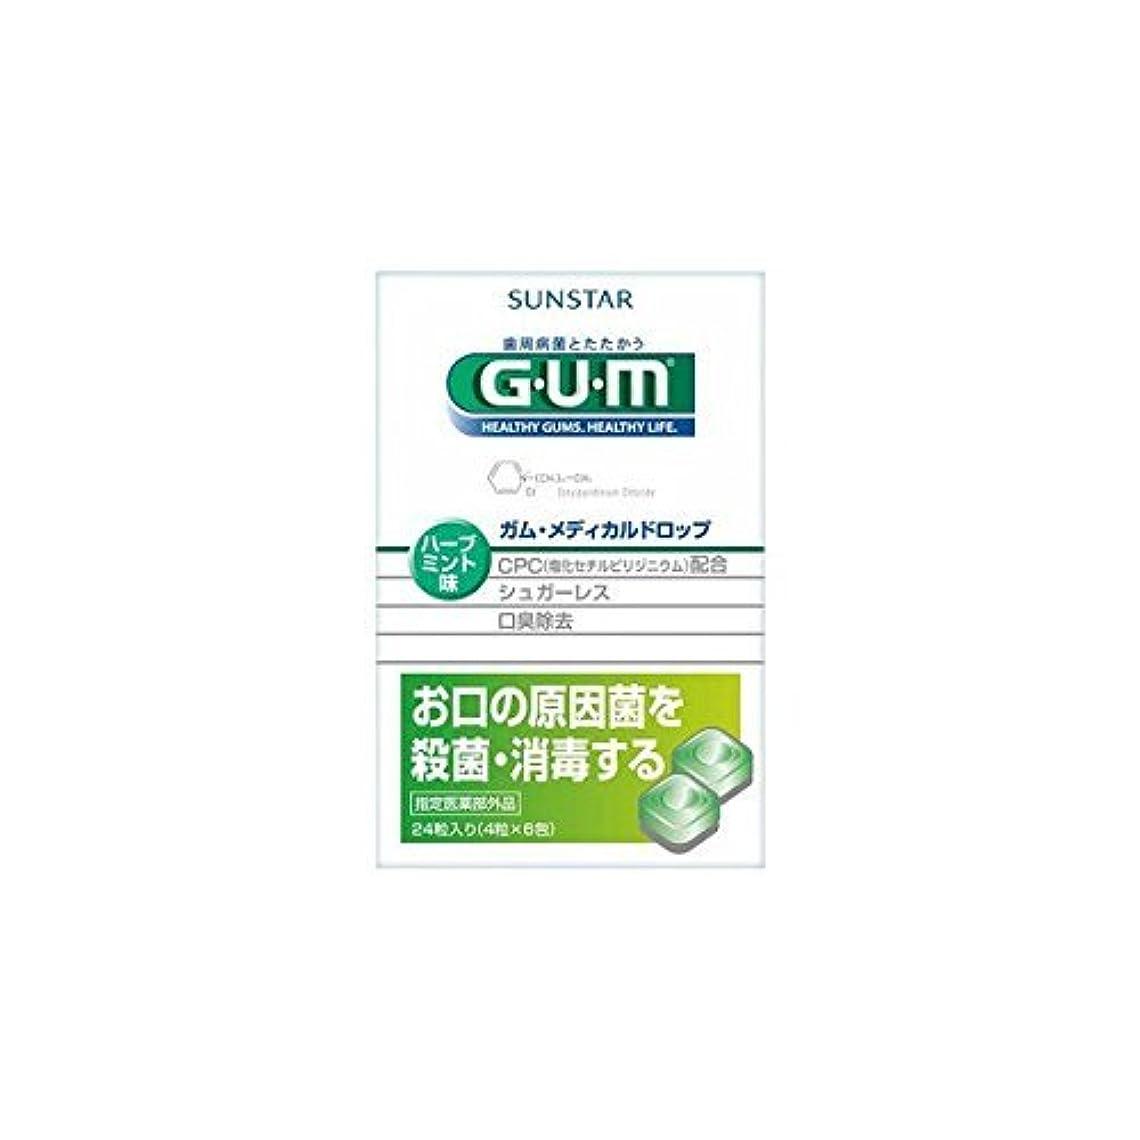 温度クスコピンチ【5個セット】 GUM(ガム) メディカルドロップ ハーブミント 24粒